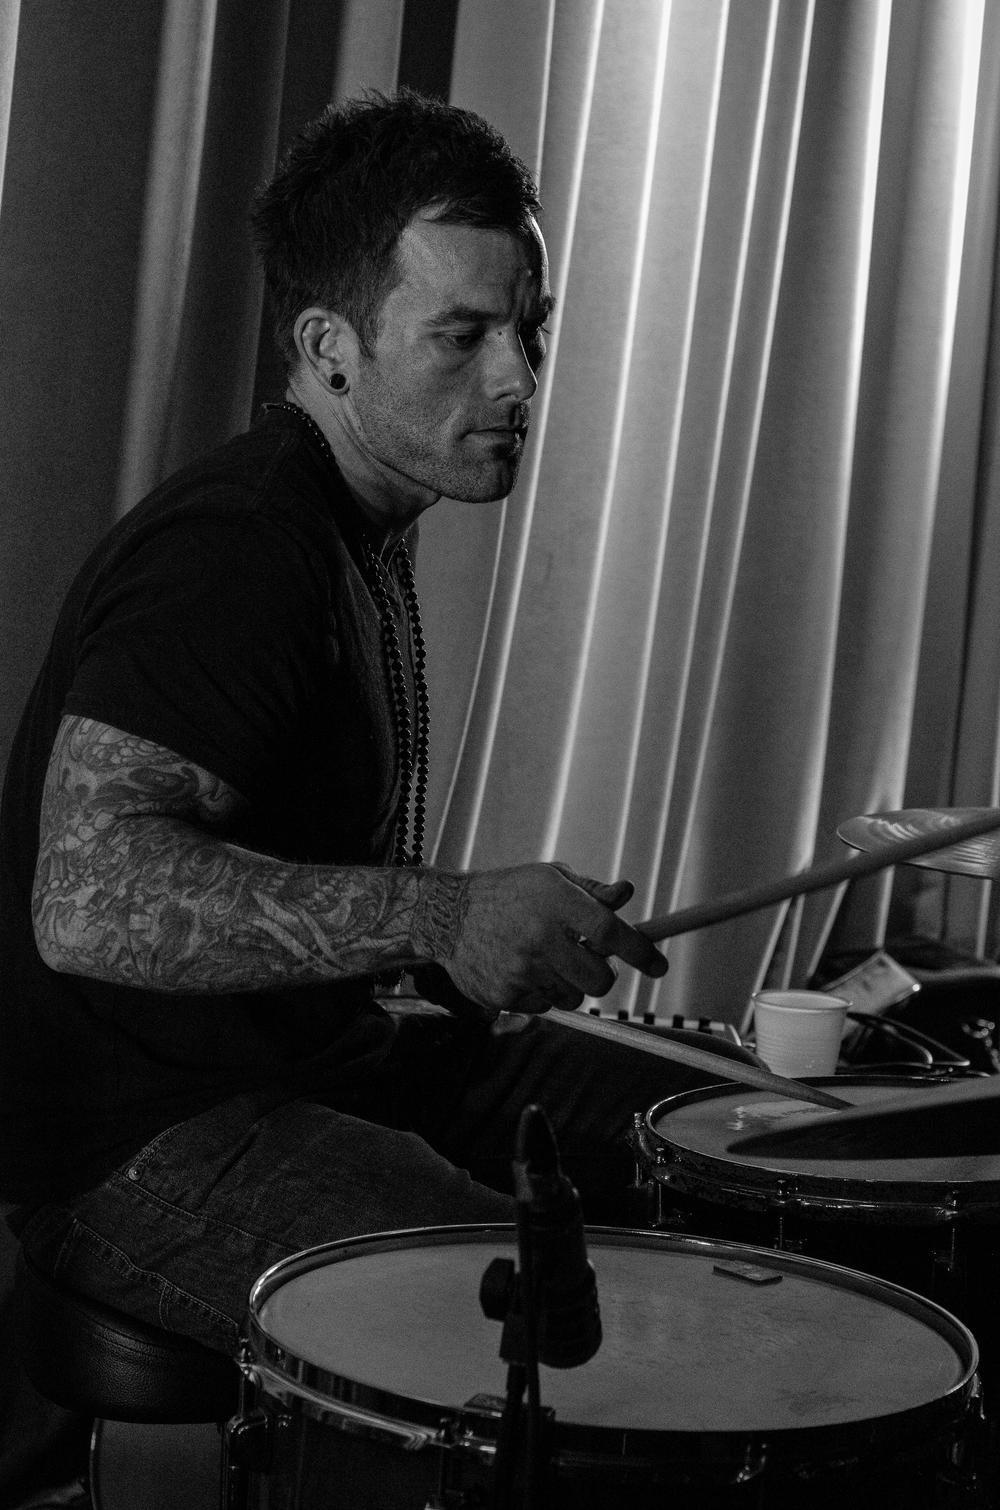 Ryan Frye- Drums